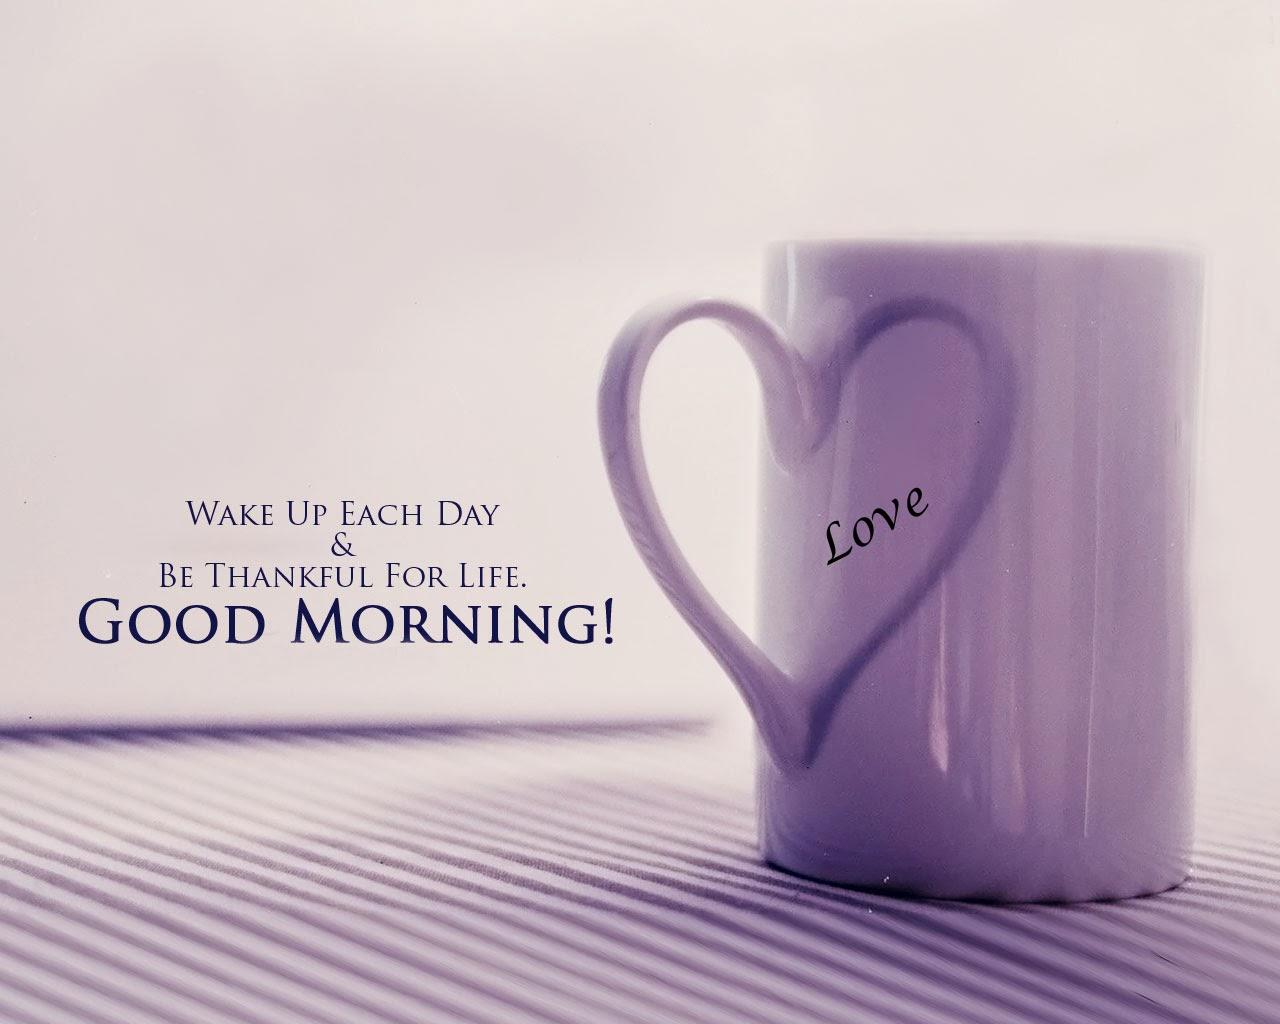 صور صباح الخير بالانجليزية 17